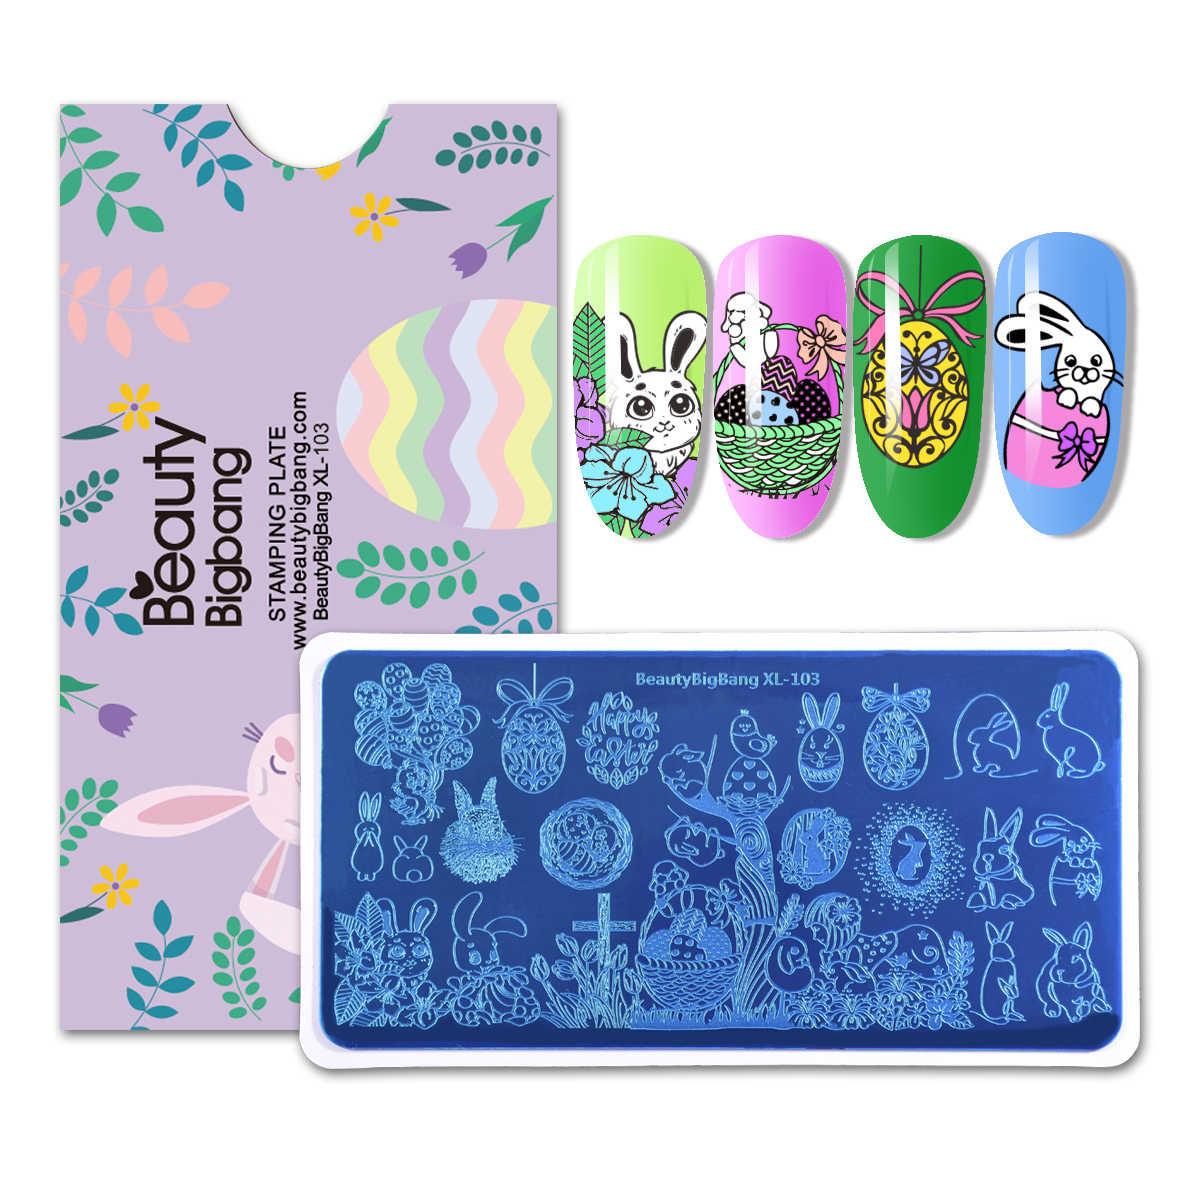 Beautybigbang 6*12cm retângulo feliz páscoa arte do prego placa de carimbo ovos coelho padrão placa de imagem do prego stencil selo modelo